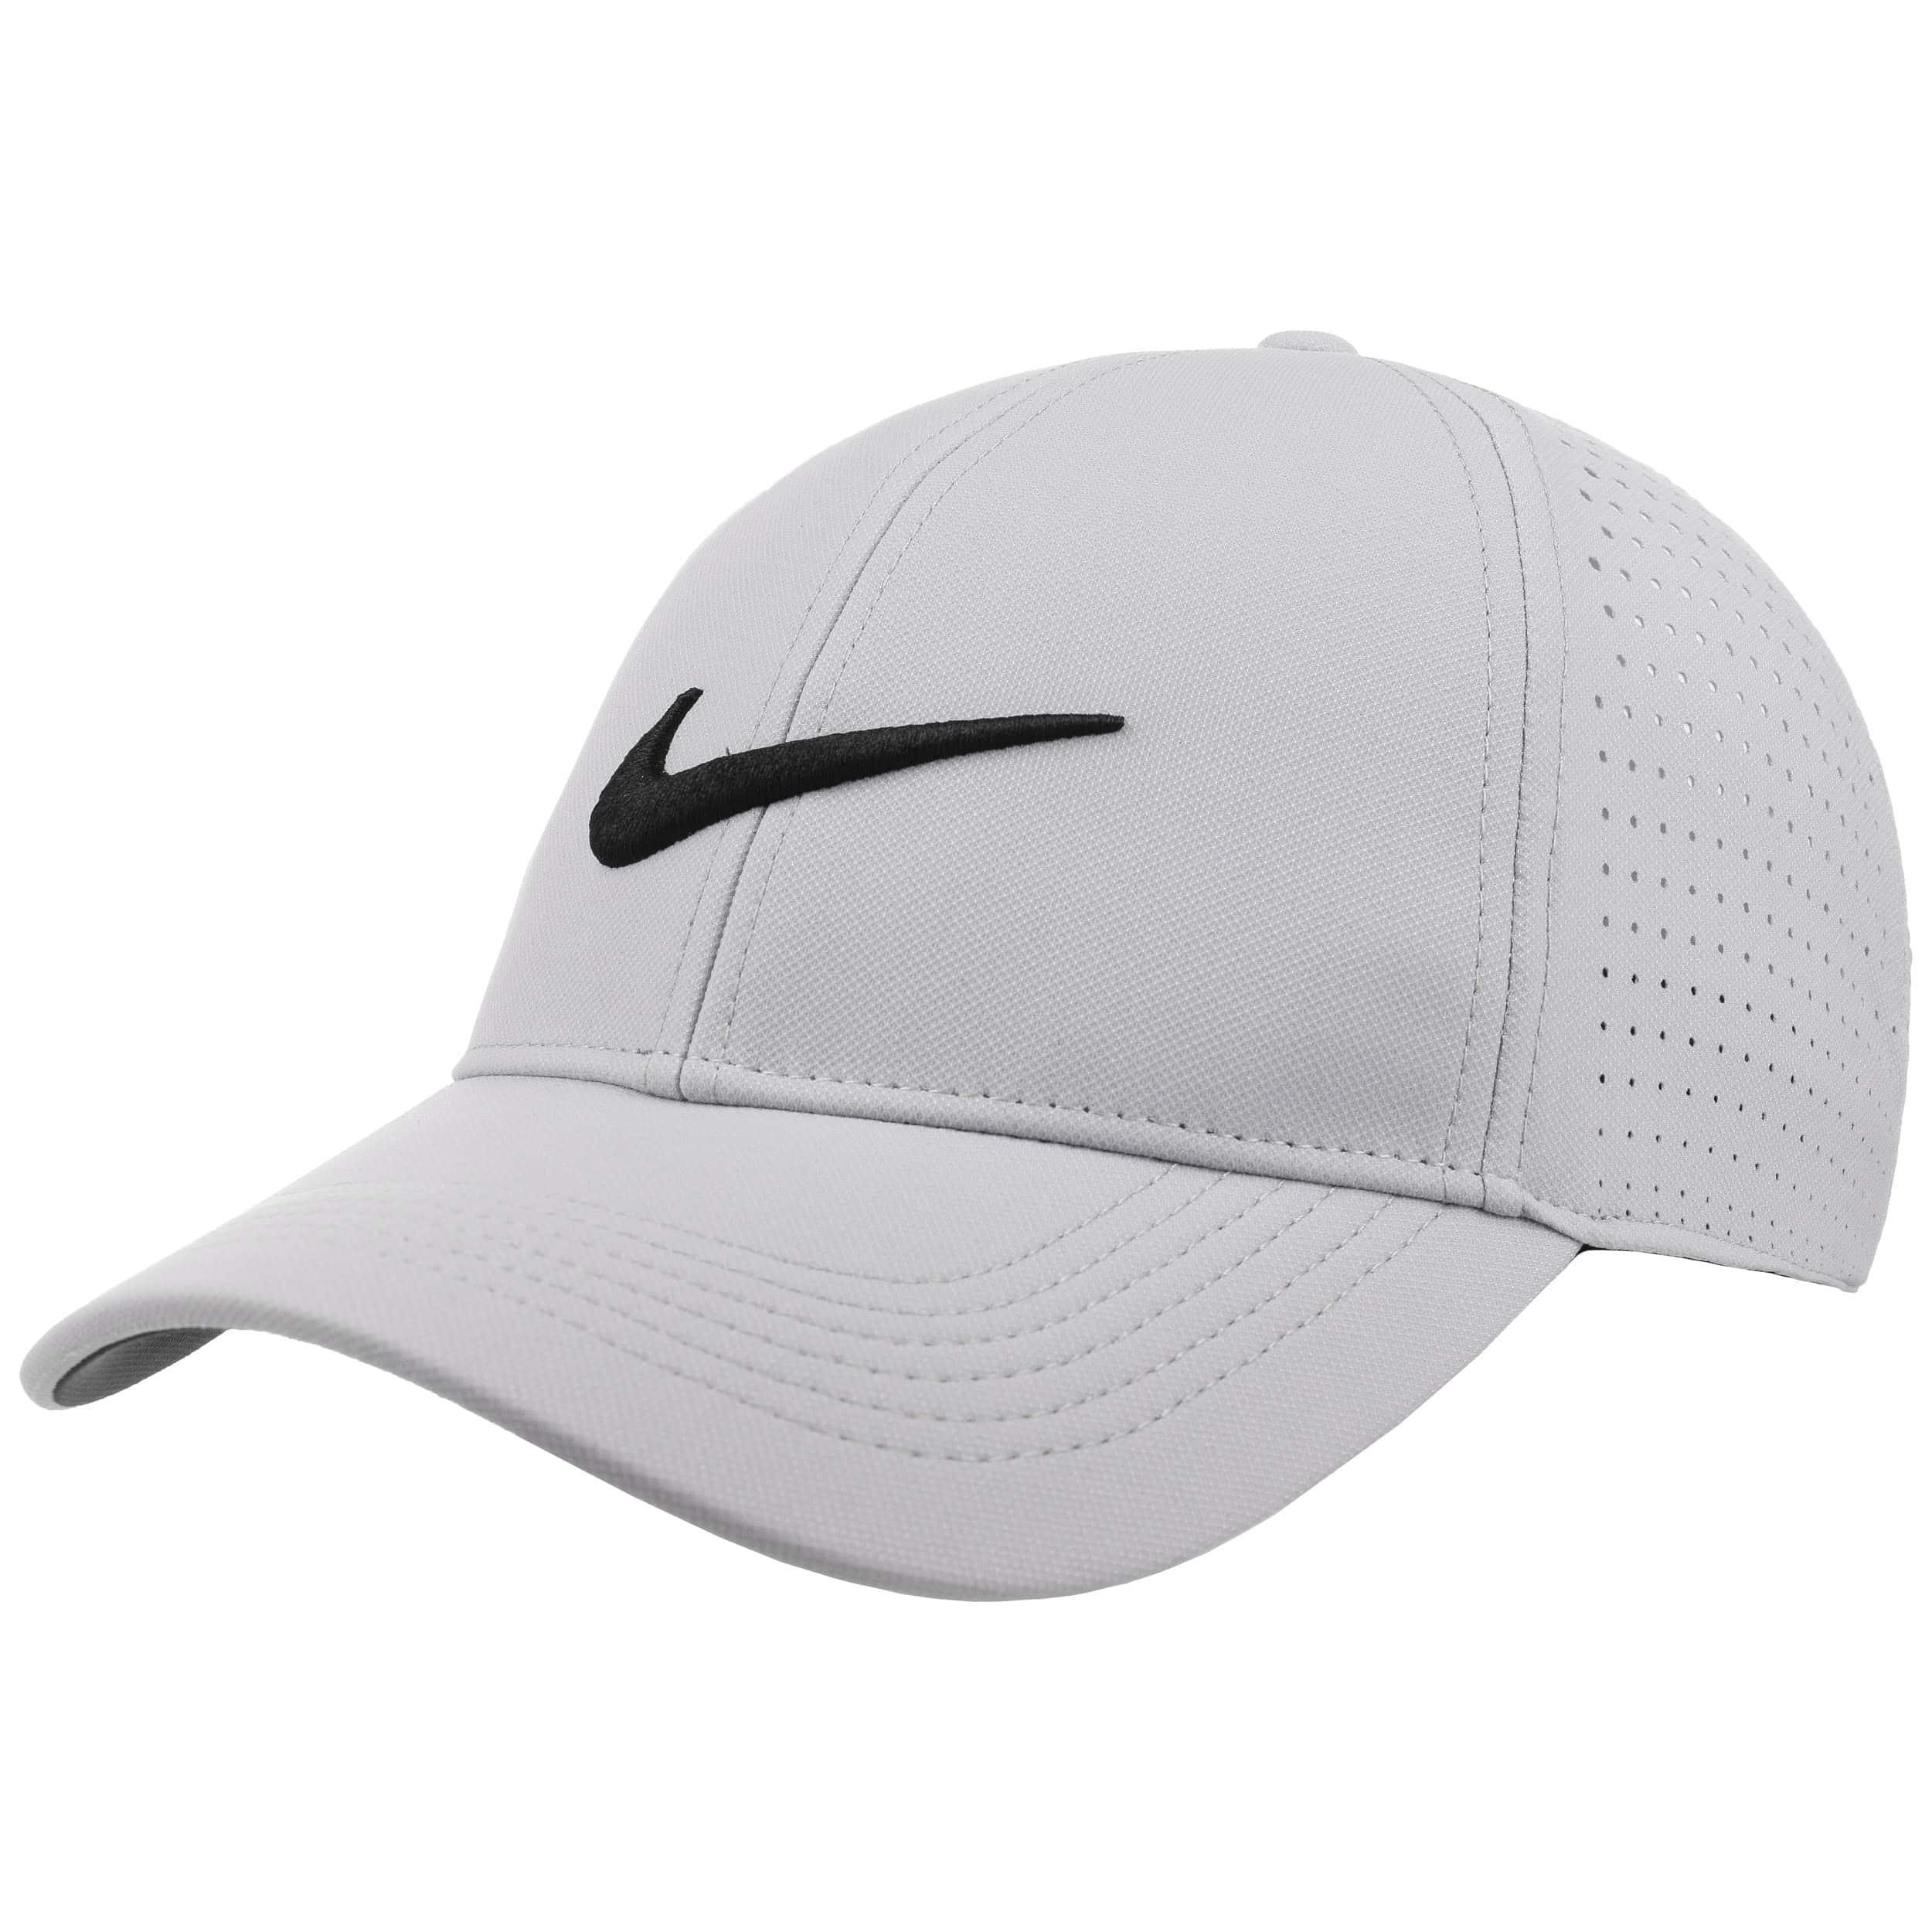 Cappellino Legacy 91 Perf by Nike , grigio chiaro 6